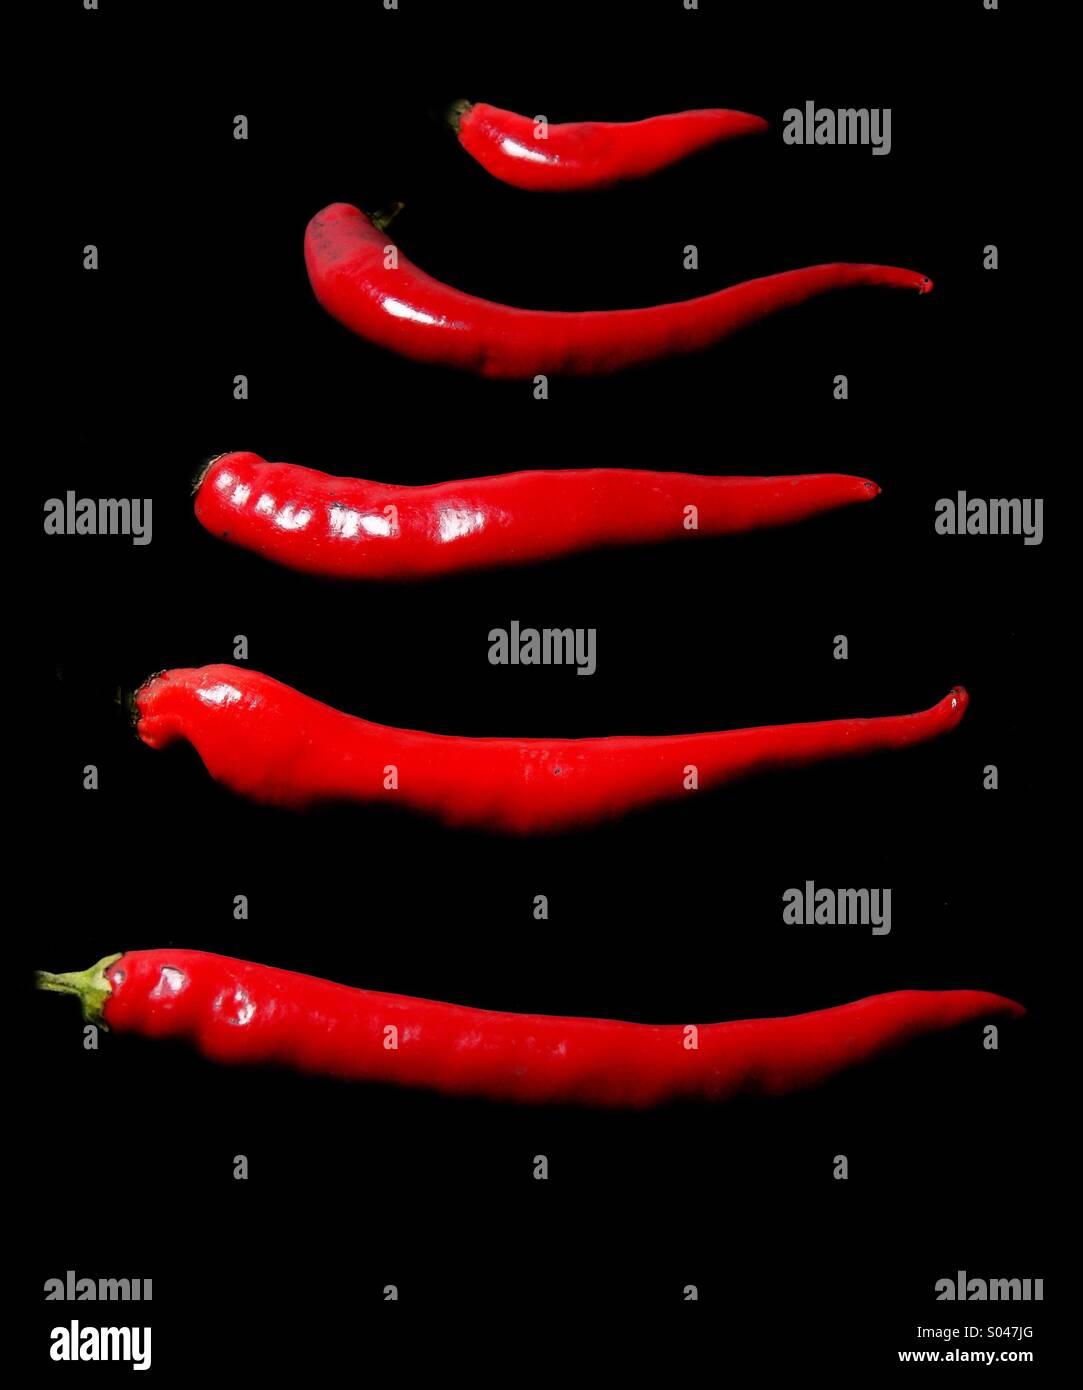 Pimientos rojos Imagen De Stock